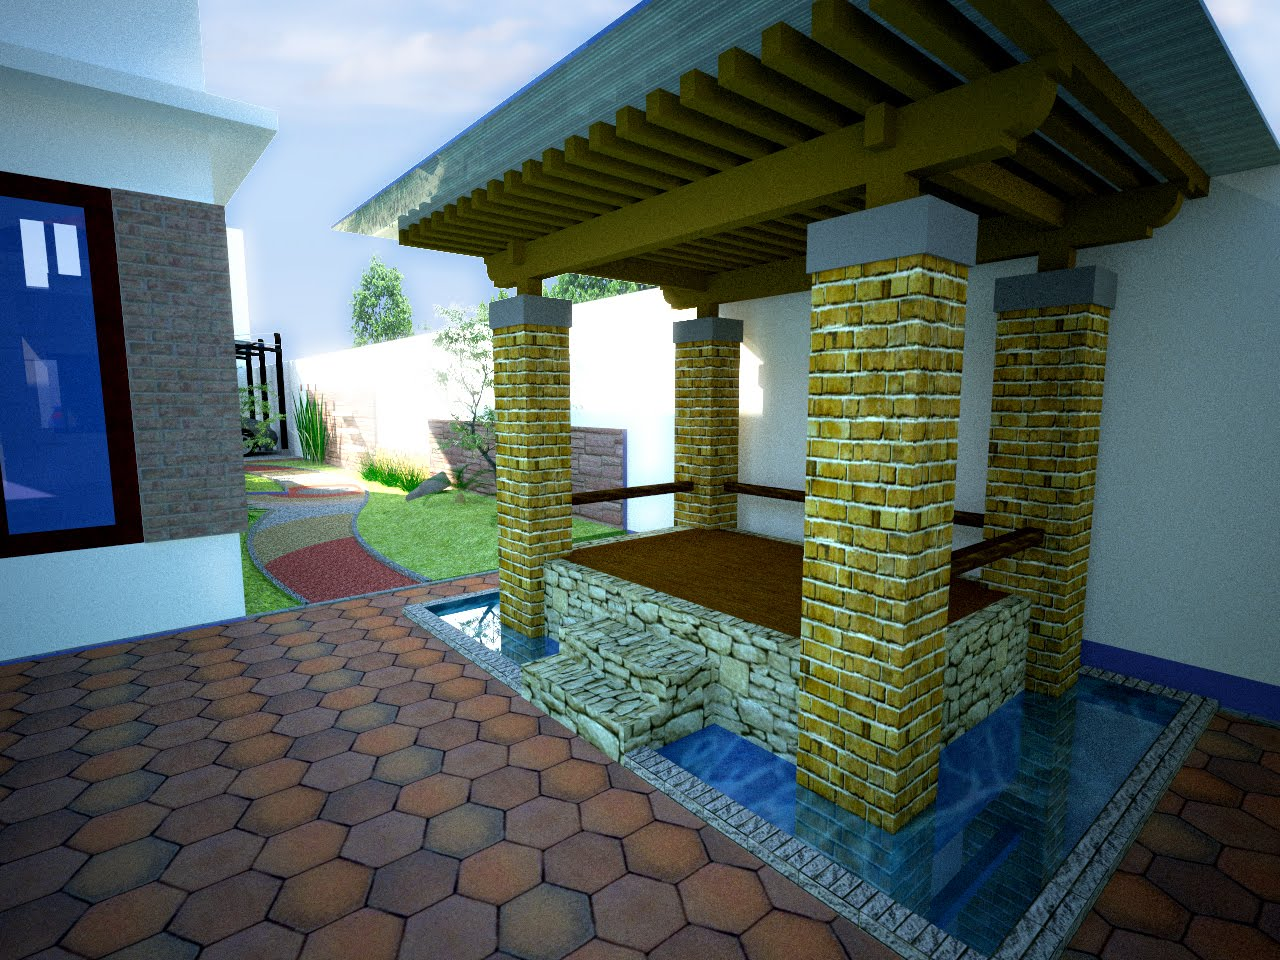 5600 Desain Taman Kecil Samping Rumah Gratis Terbaik